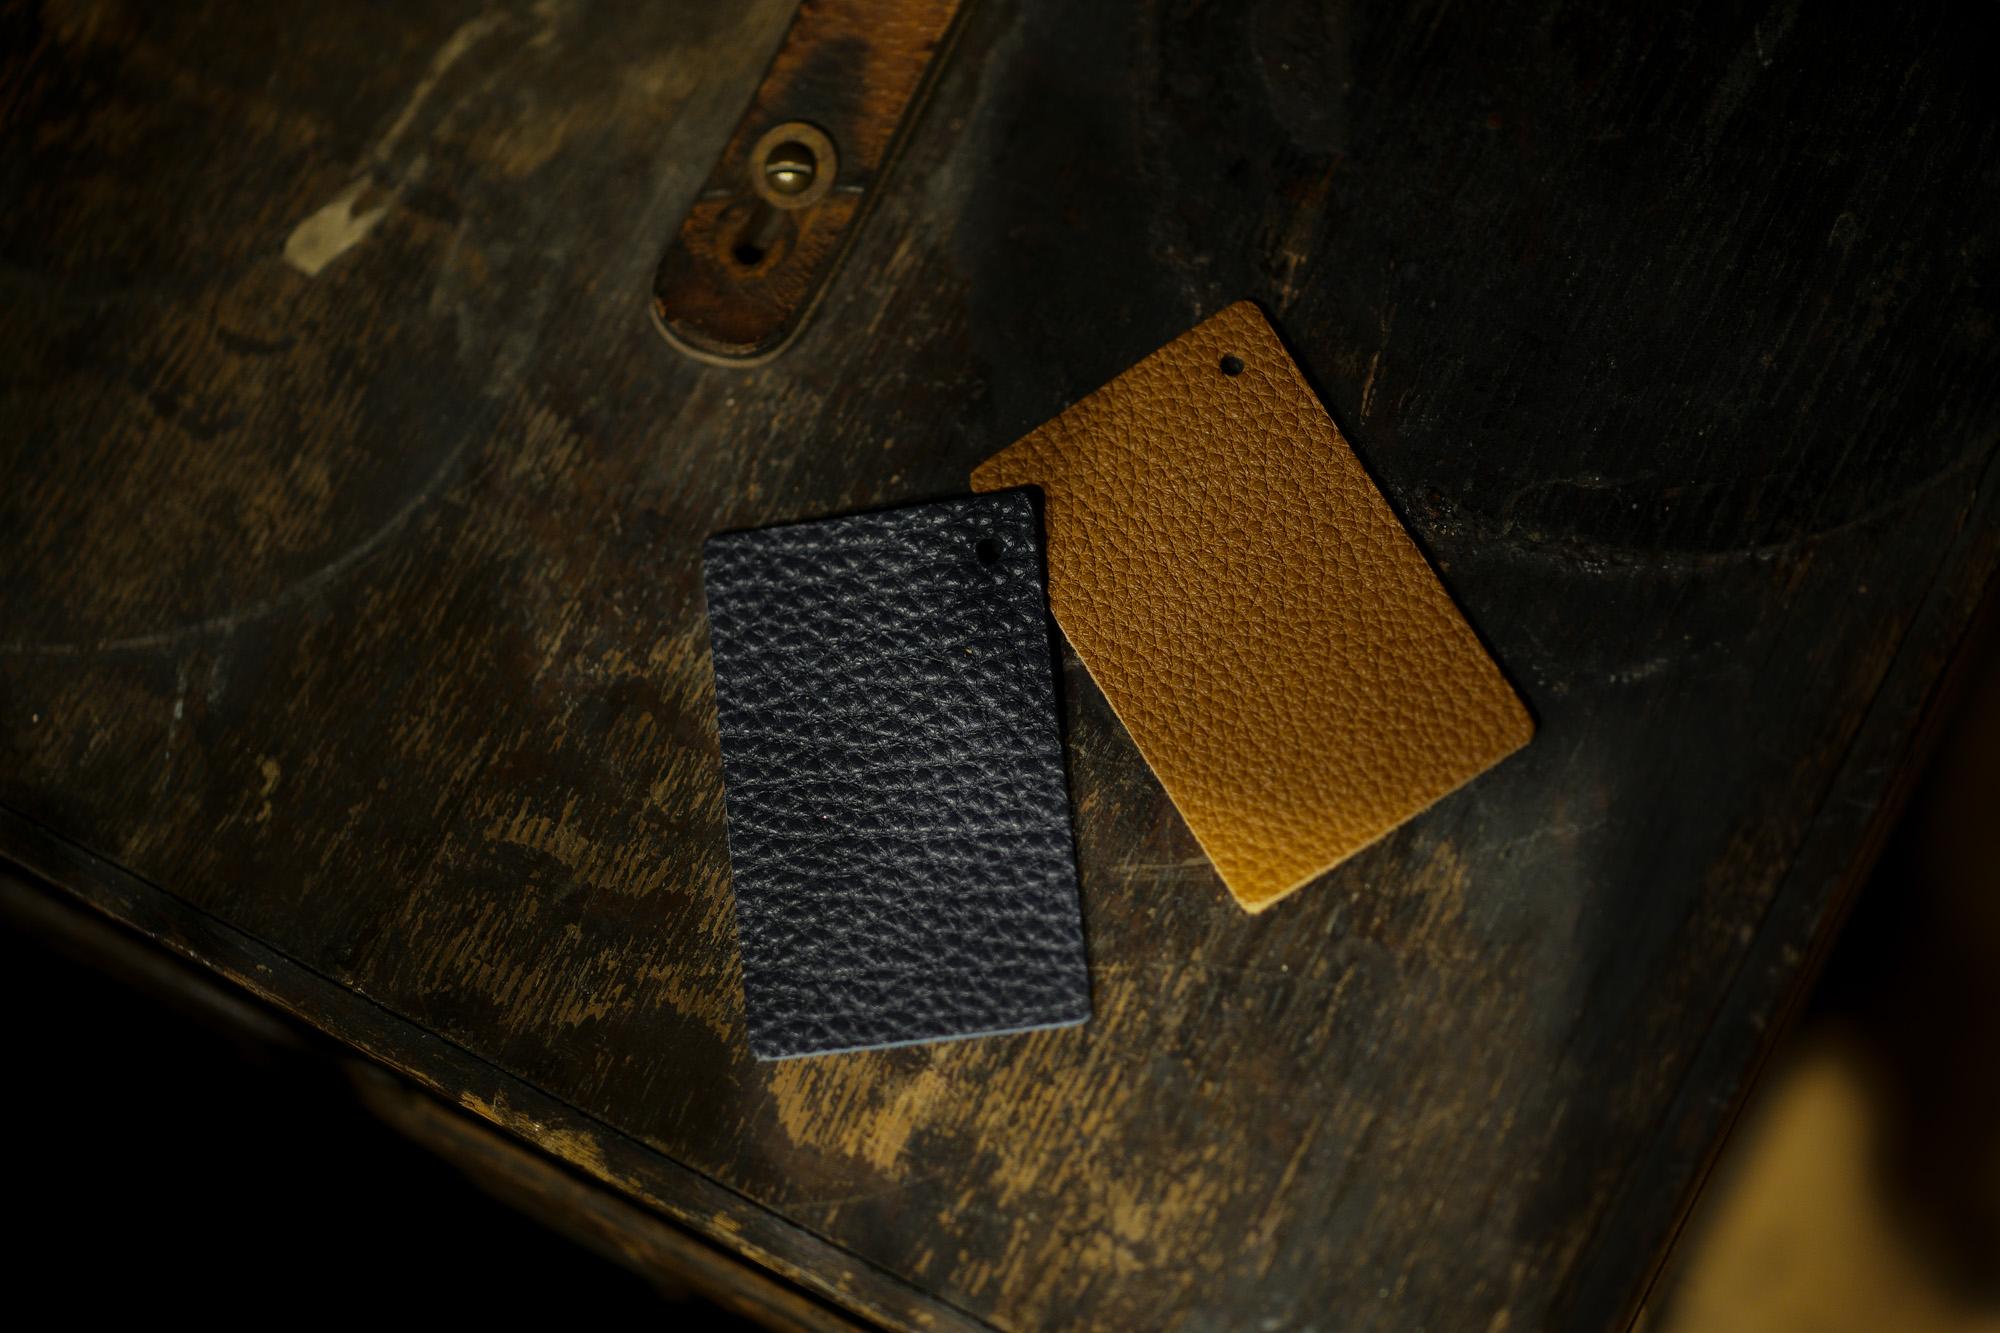 ACATE(アカーテ)OSTRO(オストロ) , OSTRO-M(オストロM)  Montblanc leather(モンブランレザー) トートバック レザーバック CUOIO(クオイオ・キャメル),NOTE(ノッテ・ネイビー),NERO(ネロ・ブラック),AZZURO(アズーロ・サックス),ROSSO(ロッソ・レッド),TAUPE(トープベージュ) MADE IN ITALY(イタリア製) 2019 秋冬 愛知 名古屋 altoediritto アルトエデリット トートバック